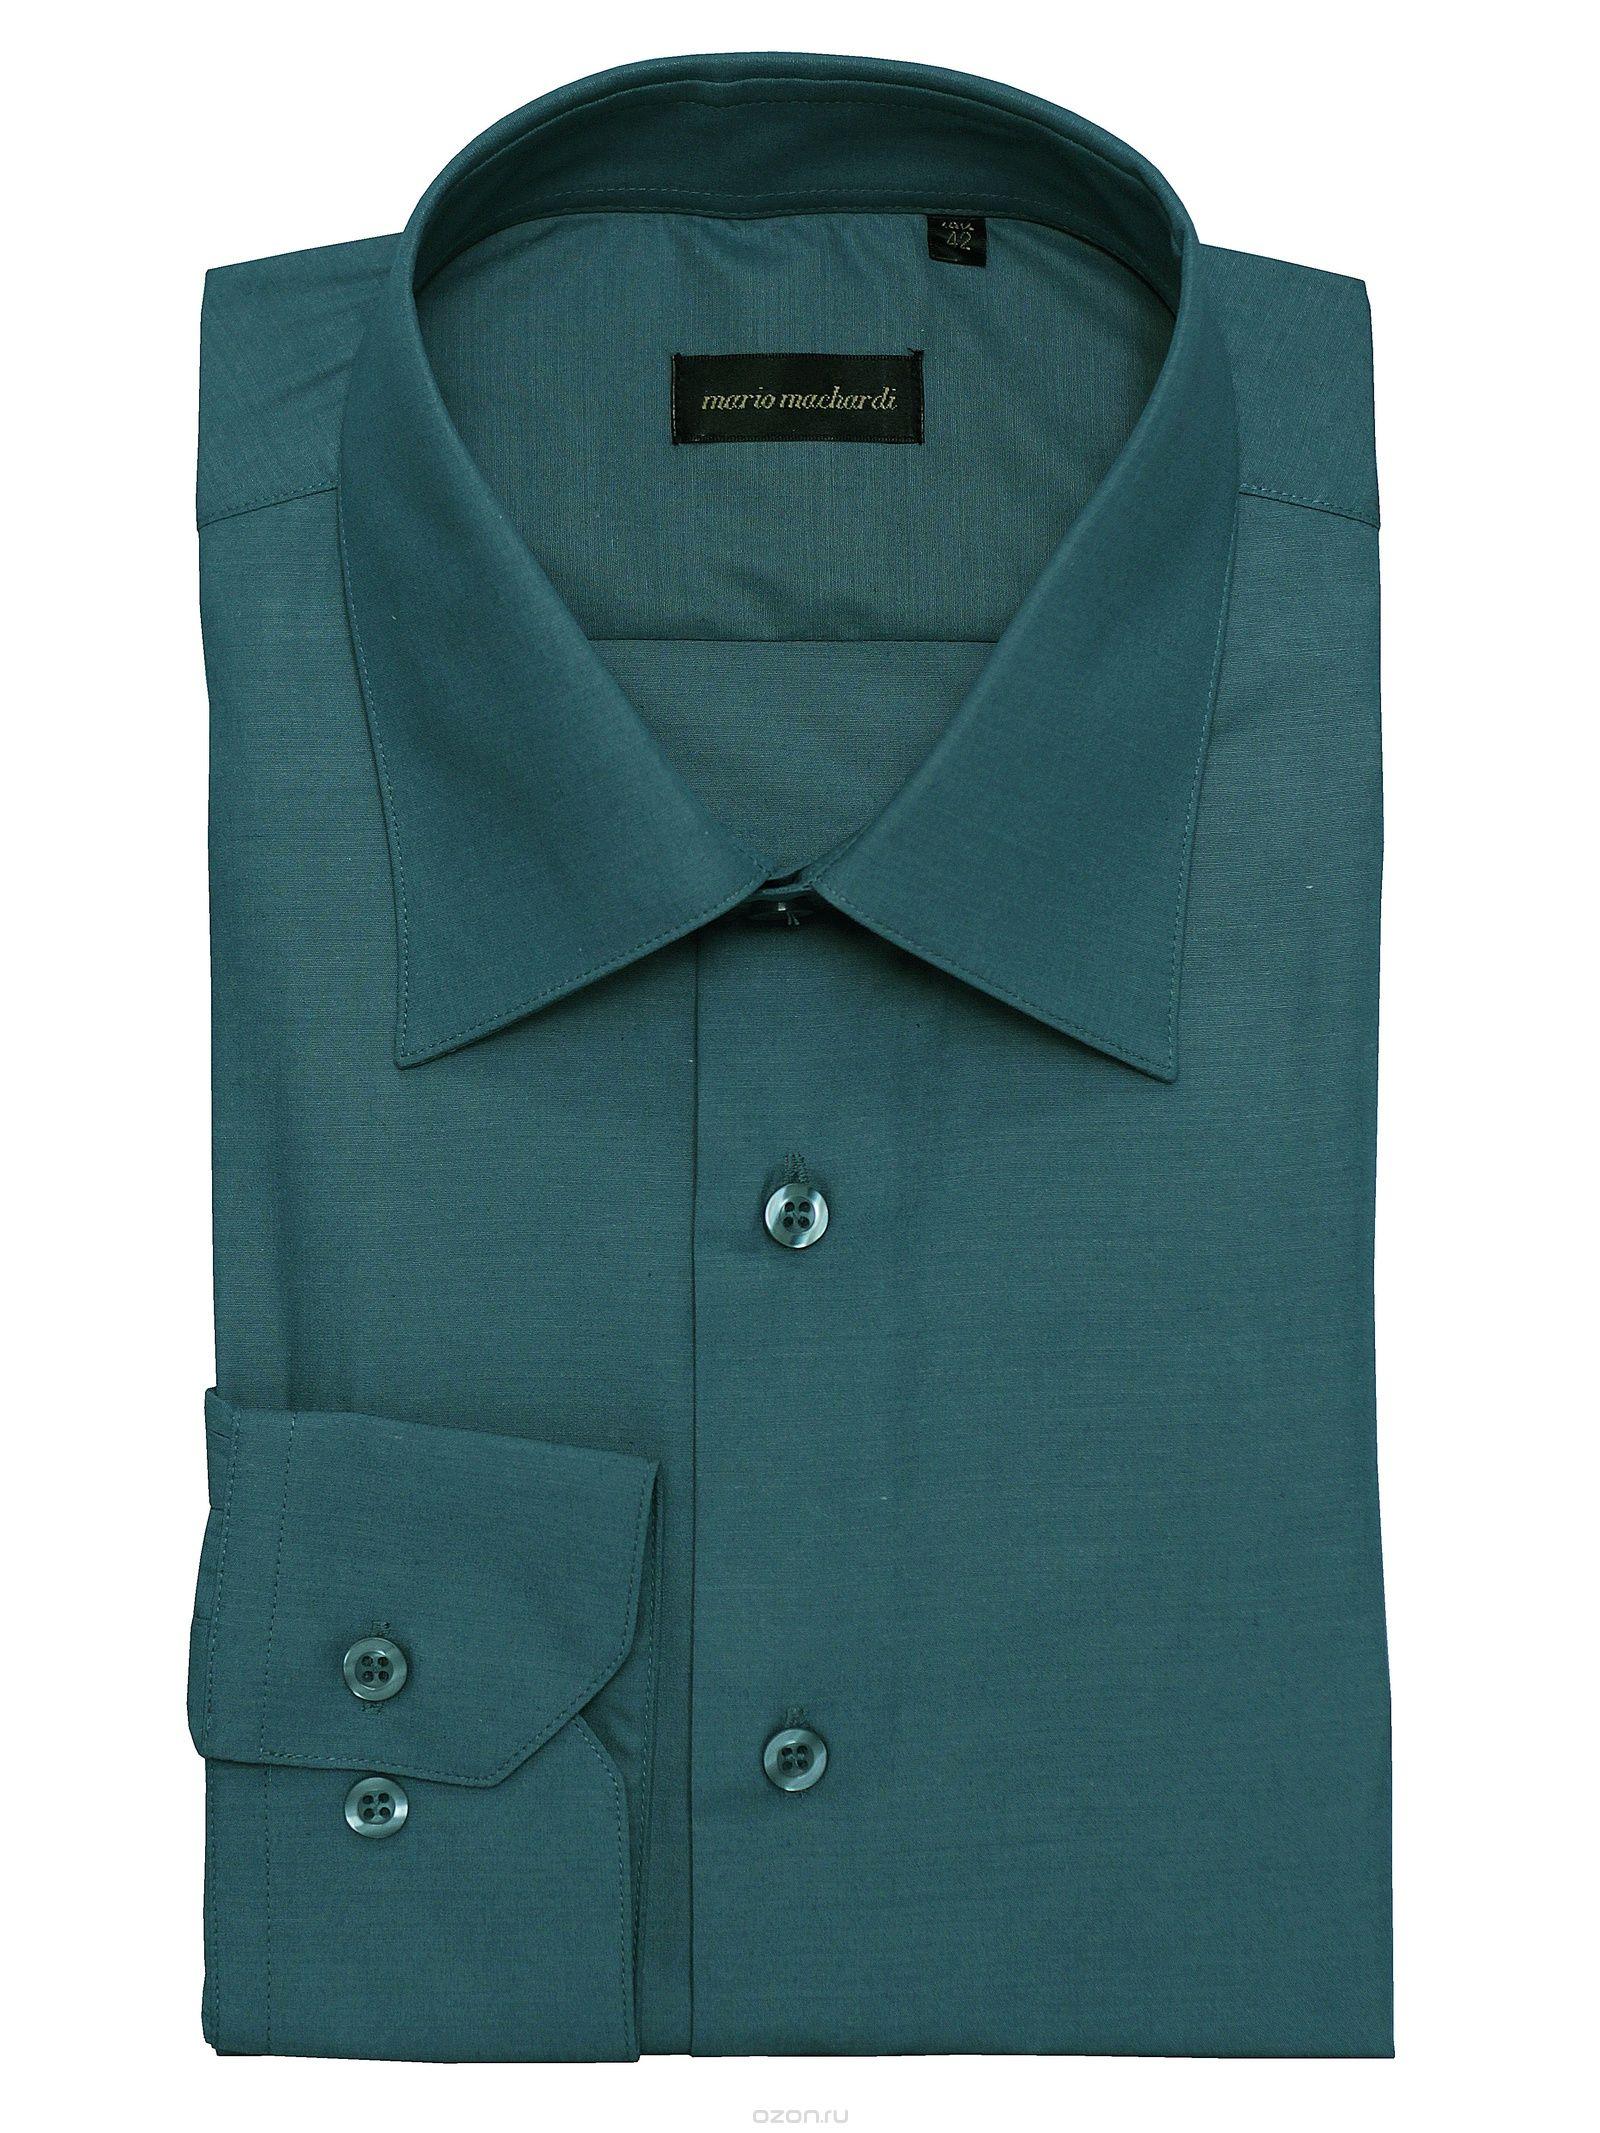 4a503066a98 Рубашка Mario Machardi CLMD57 42 серо-зеленый